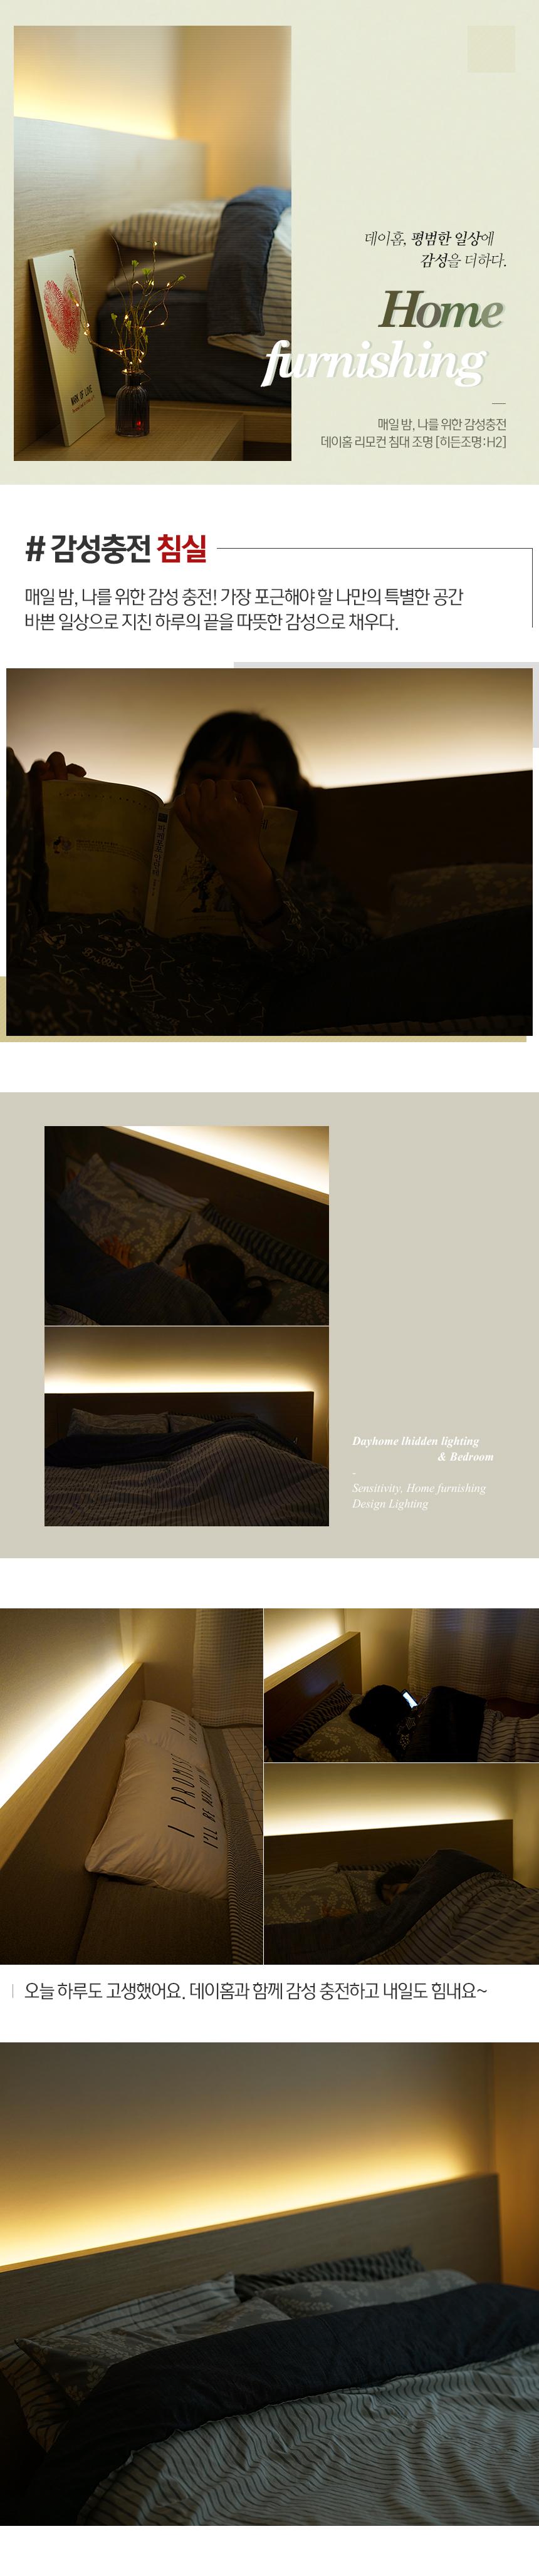 LED 침대간접조명 히든 H2 - 데이홈, 34,700원, 리빙조명, 방등/천장등